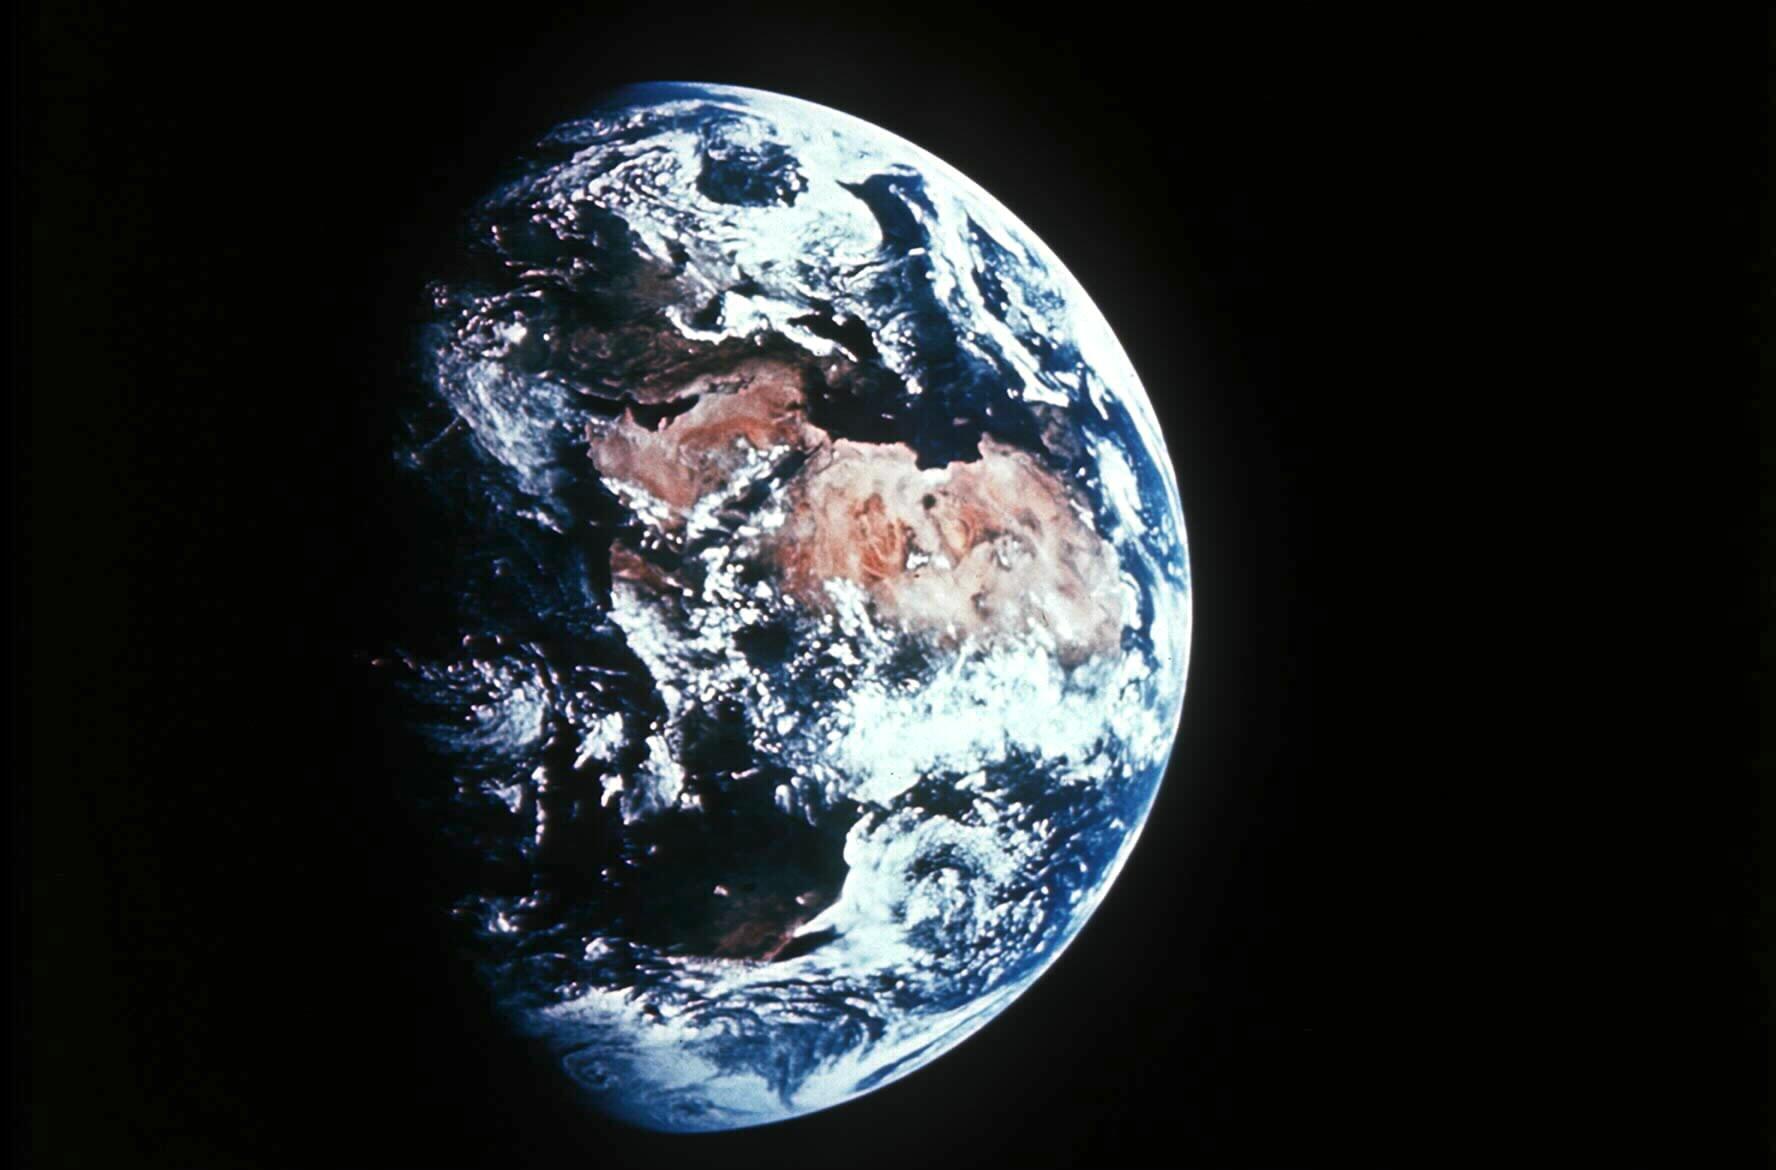 Från och med nu lever världen över sina tillgångar, enligt den beräkning som Global Footprint Network gör. Arkivbild.